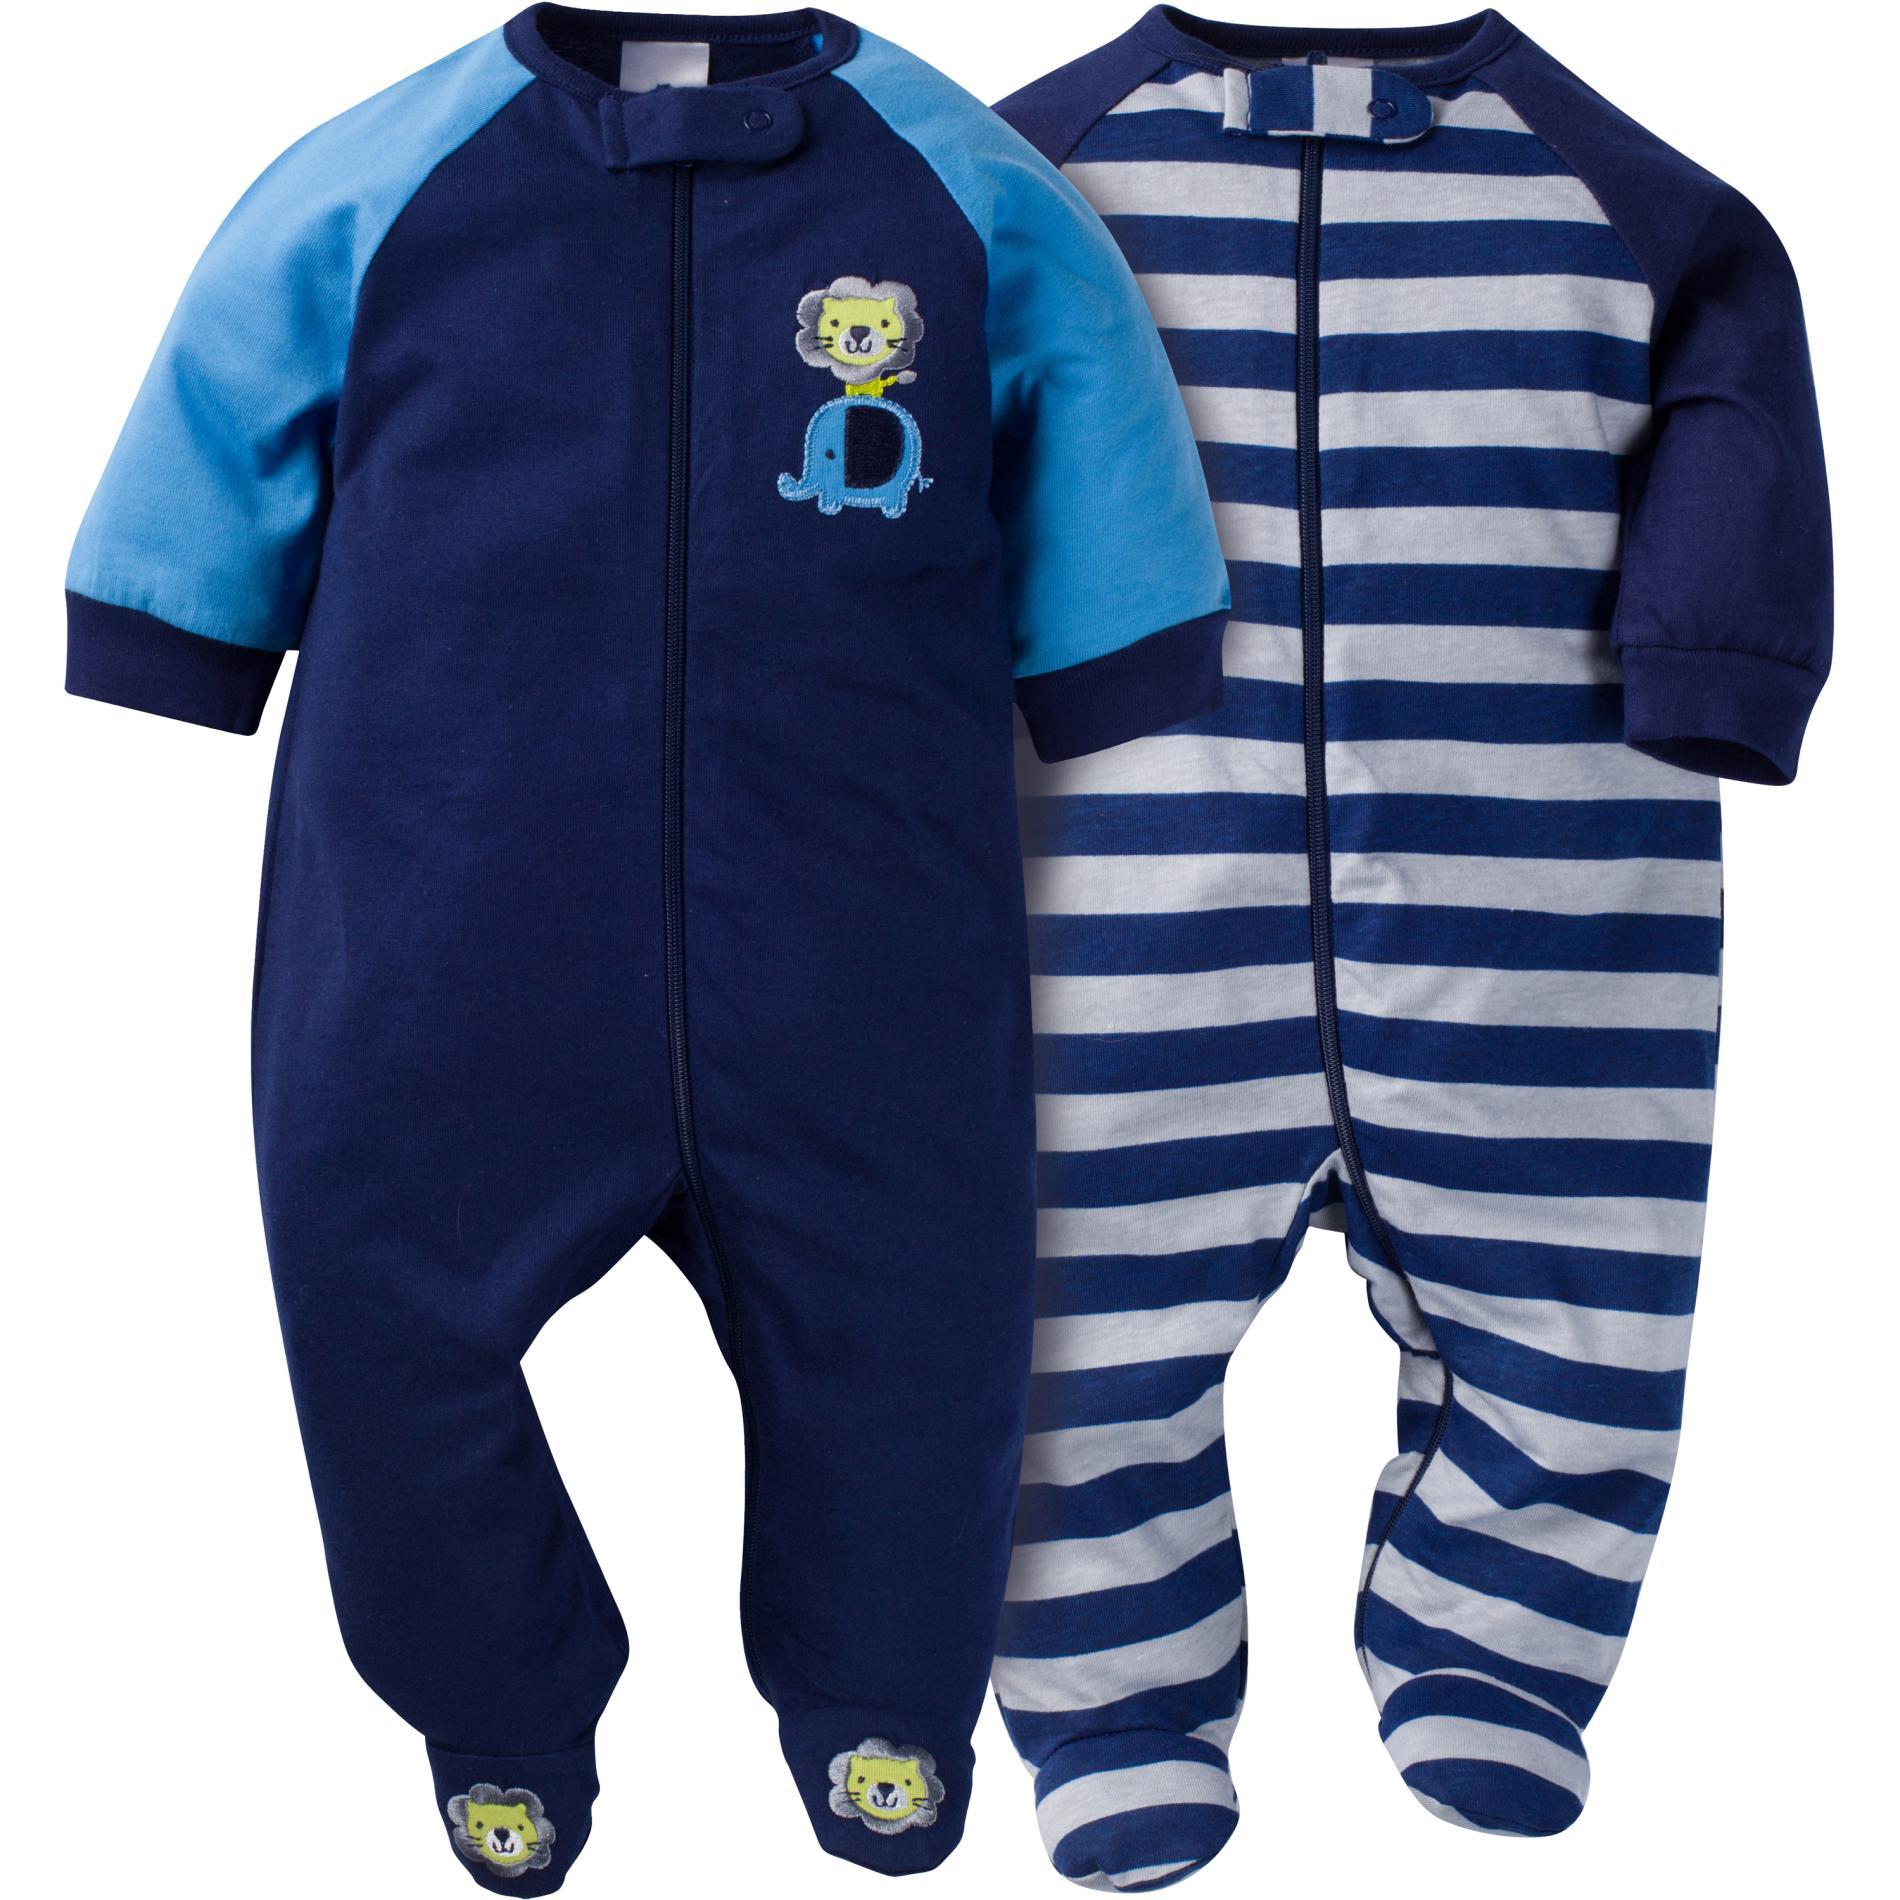 50760d455b2f Gerber Newborn Boy s 2-Pack Sleeper Pajamas - Safari   Striped